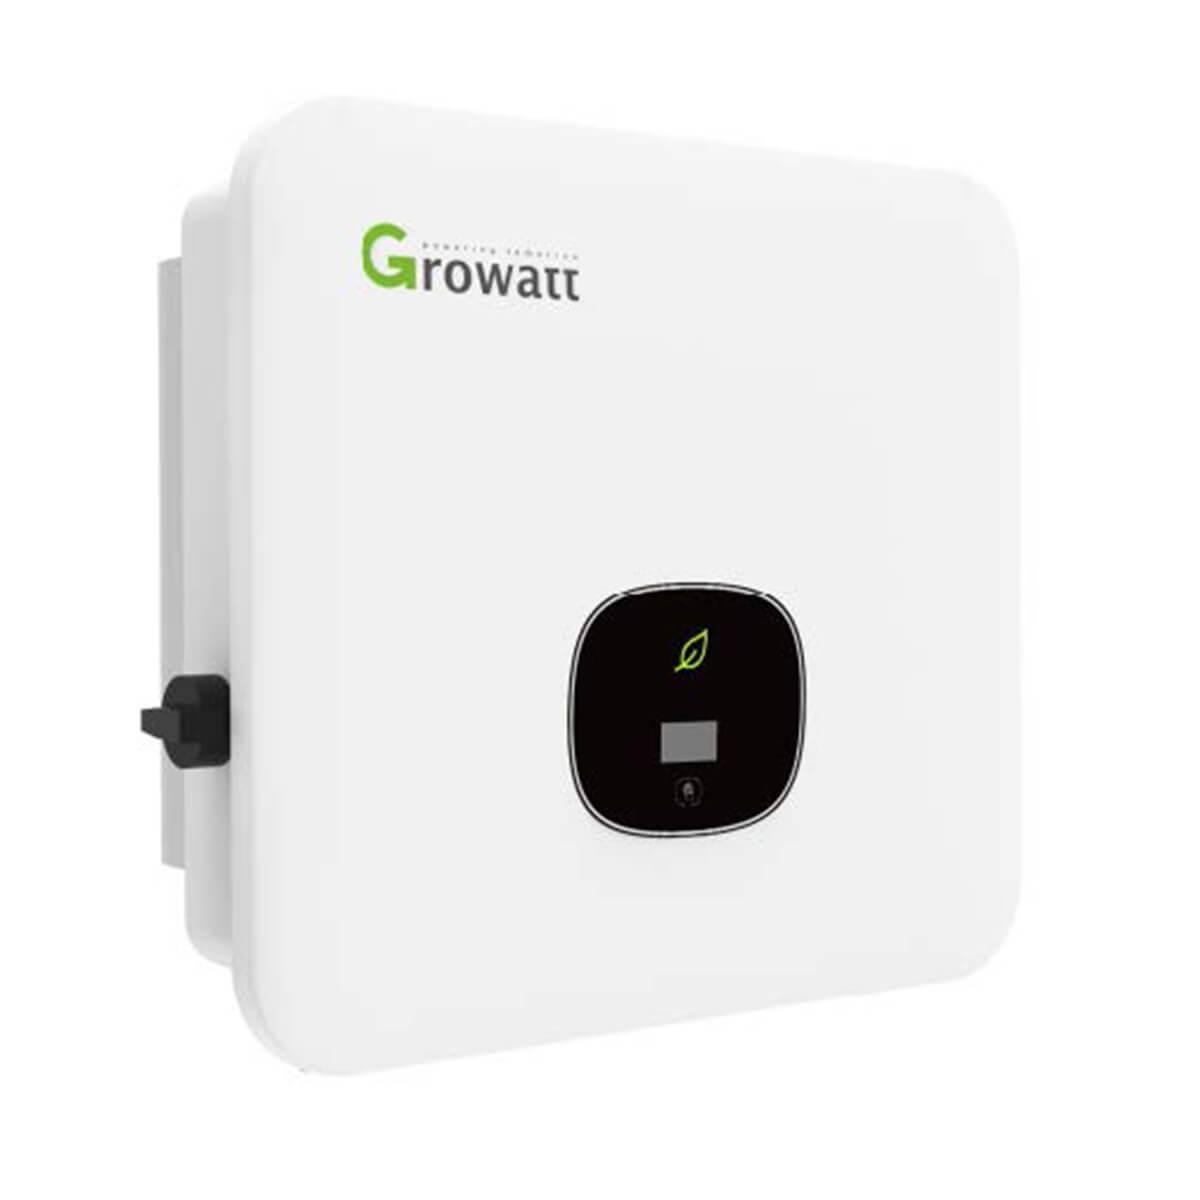 growatt 11kW inverter, growatt mod 11kW inverter, growatt mod 11ktl3-x inverter, growatt mod 11ktl3-x, growatt mod 11 kW